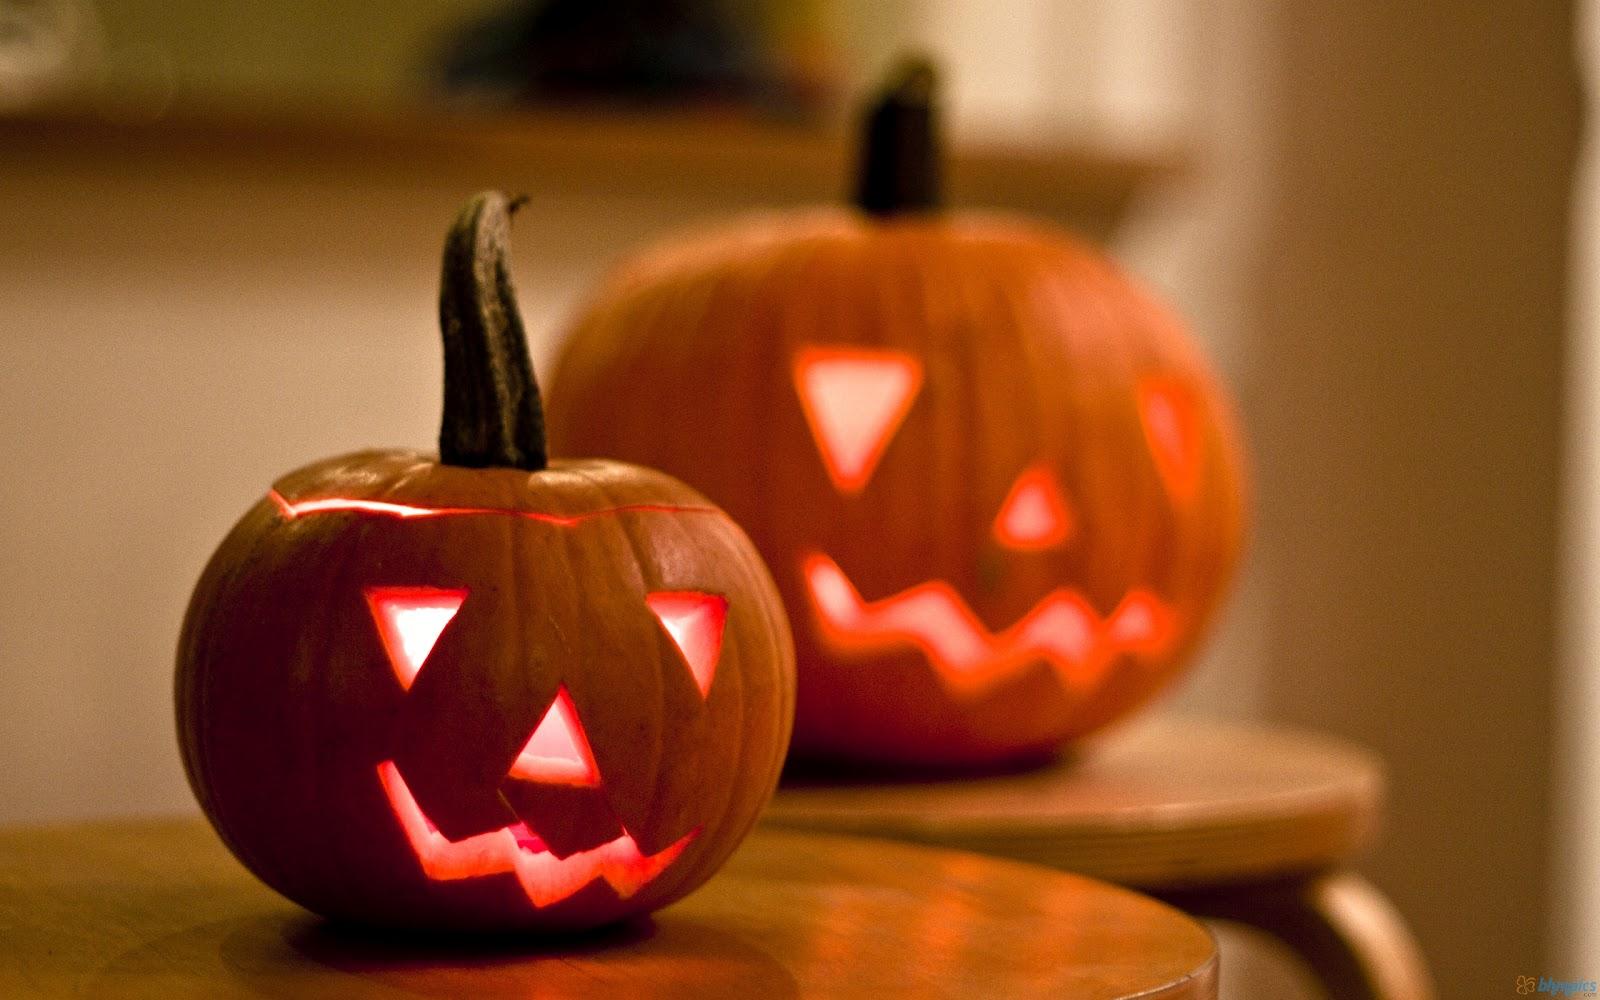 http://4.bp.blogspot.com/-4Sbpeyar5Ao/UD7uNlcoYEI/AAAAAAAADAY/6LlIkQOH3DU/s1600/halloween_pumpkins-2560x1600.jpg%20